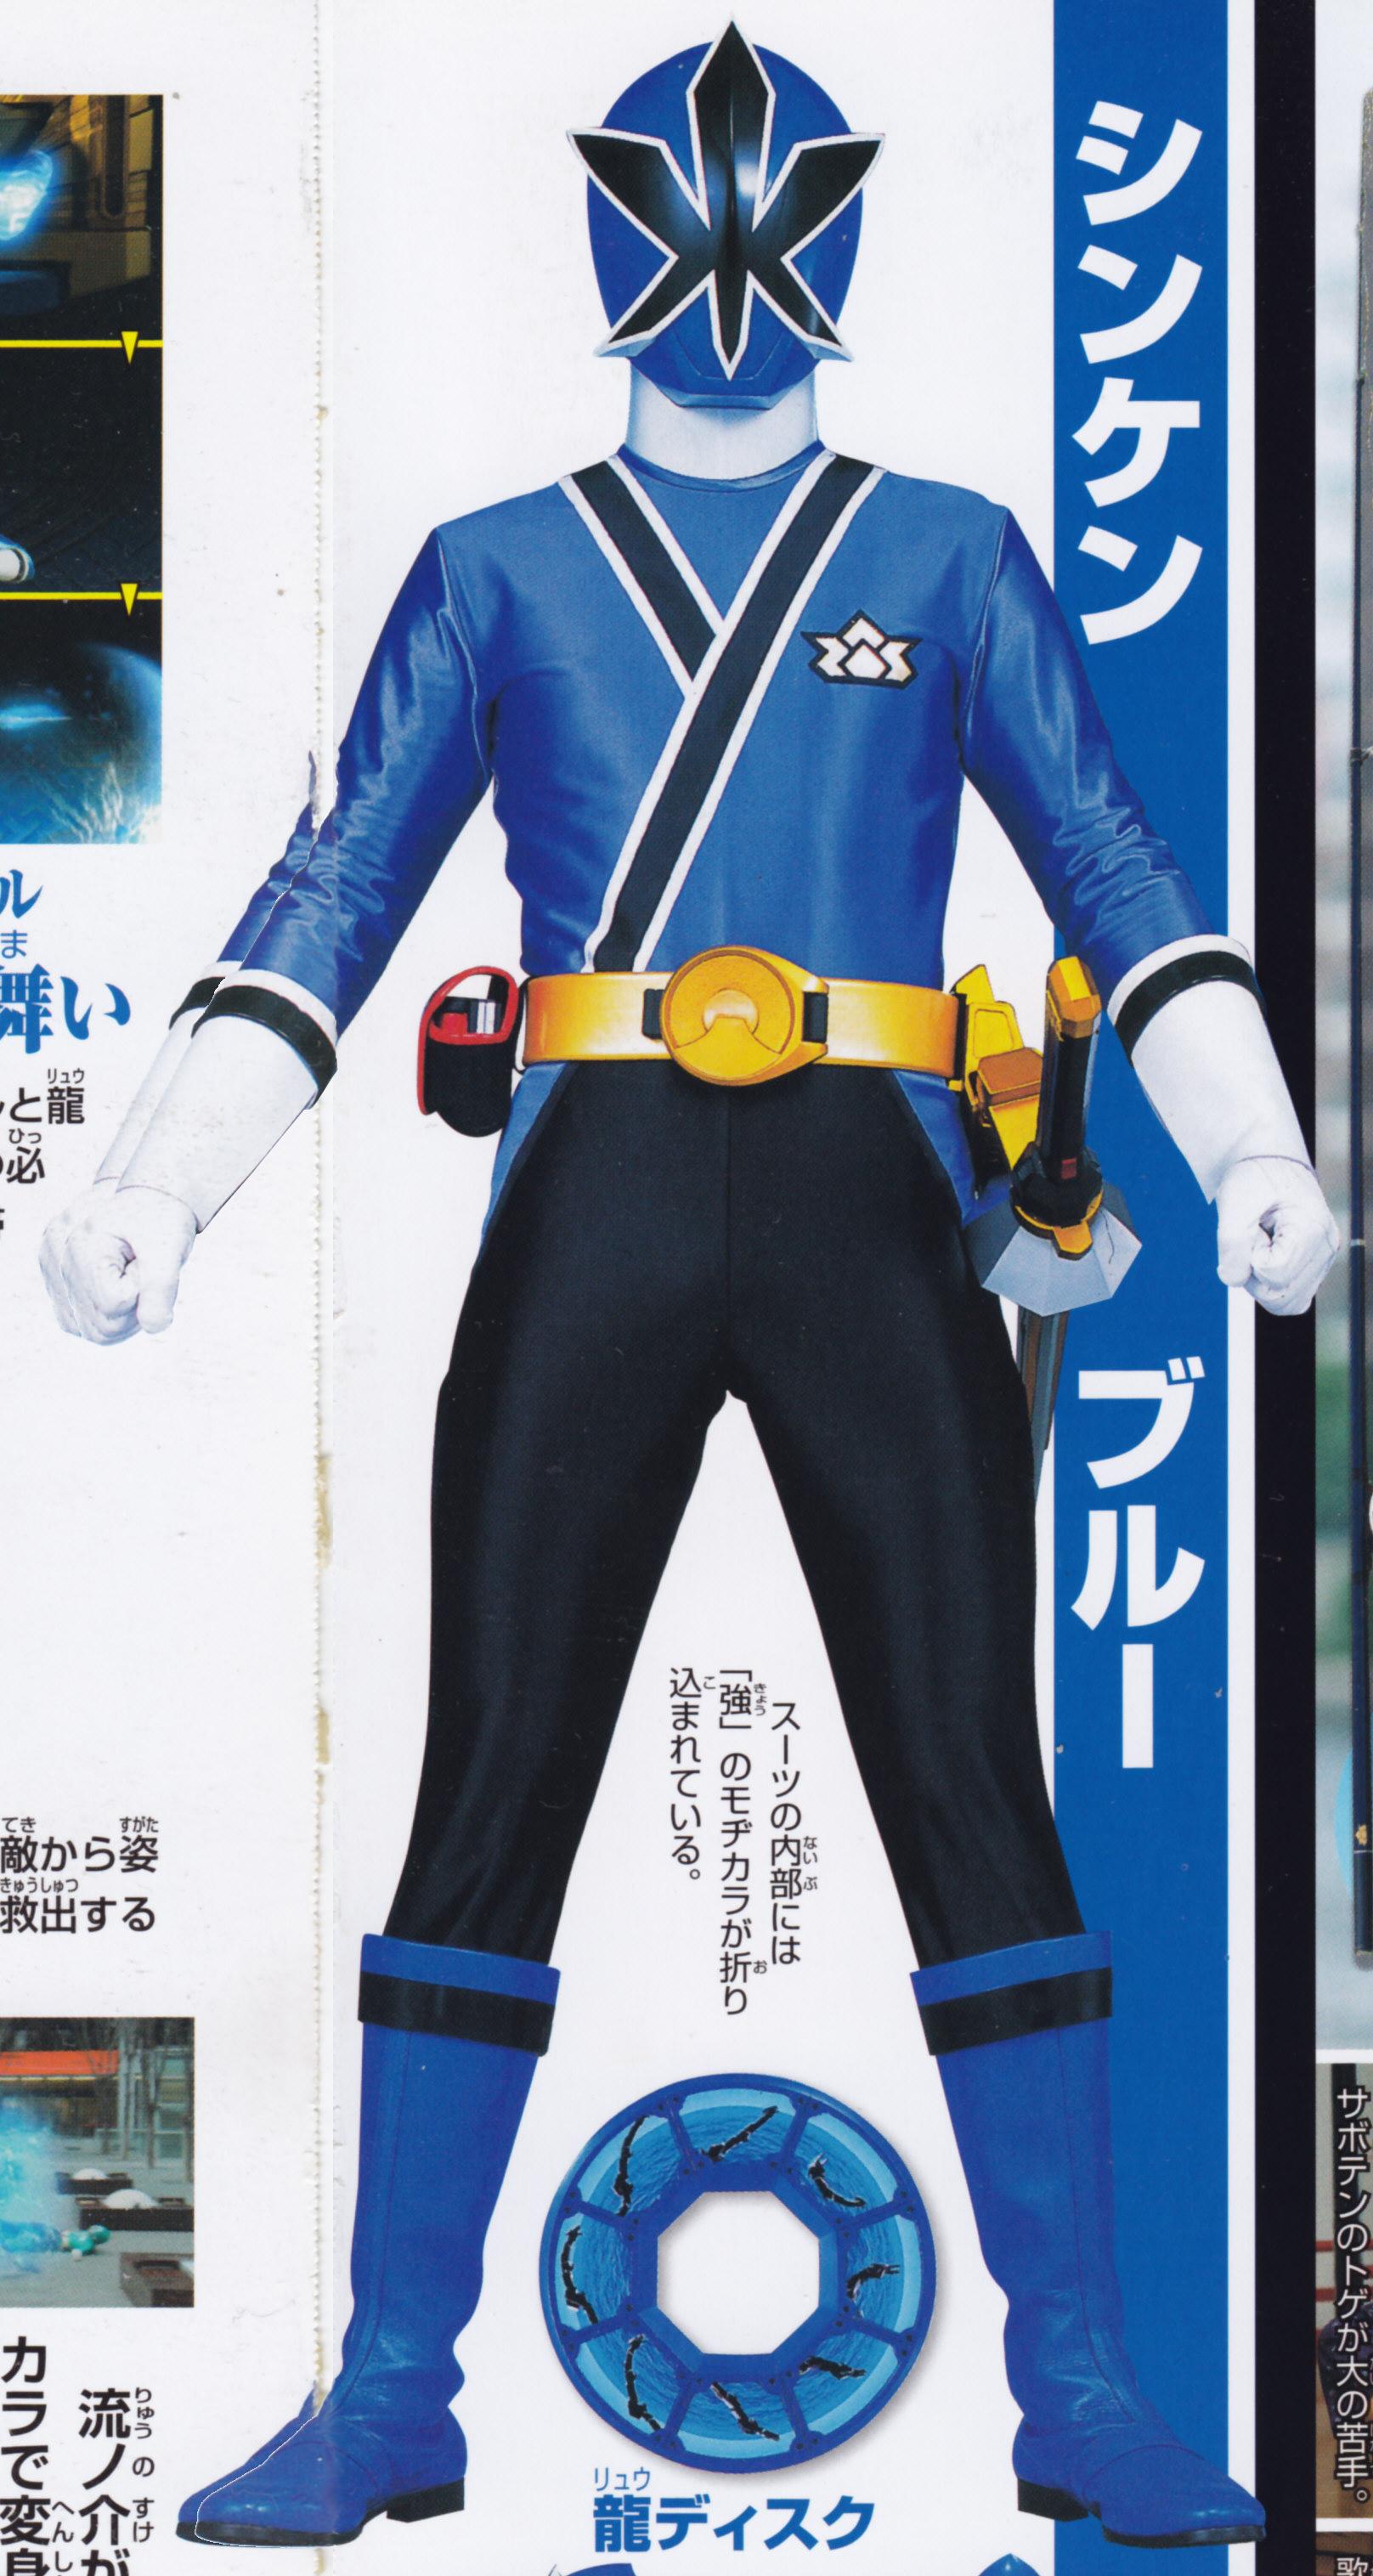 As Spy Ranger Blue She Has A Dolphin Motif Description From Powerrangersfanon Power Rangers Super Samurai Power Rangers Super Megaforce Power Rangers Samurai